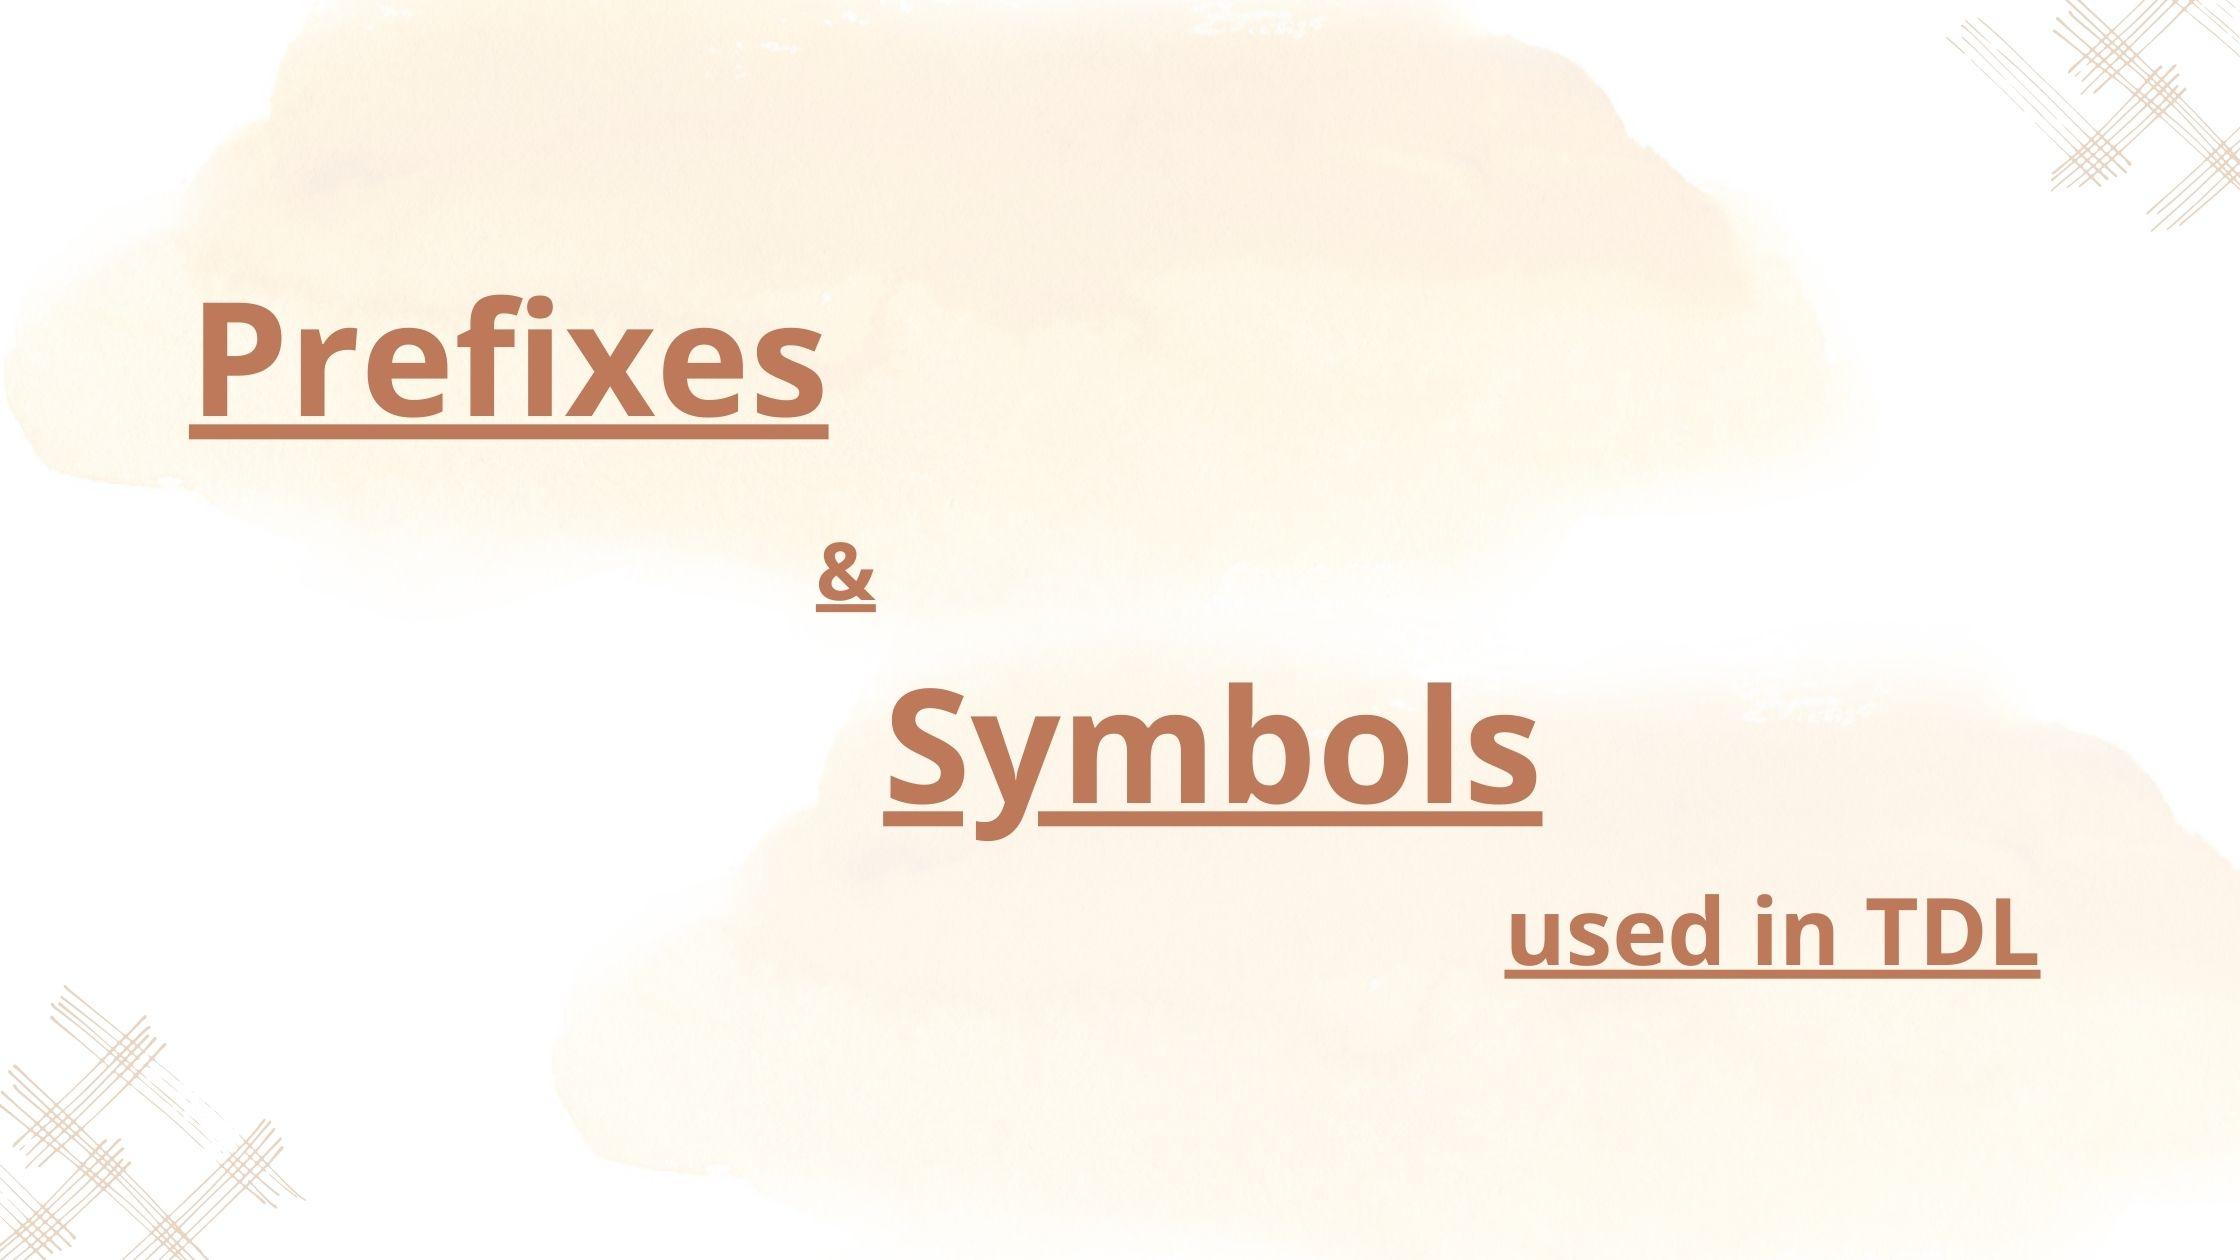 tdl prefixes and symbols